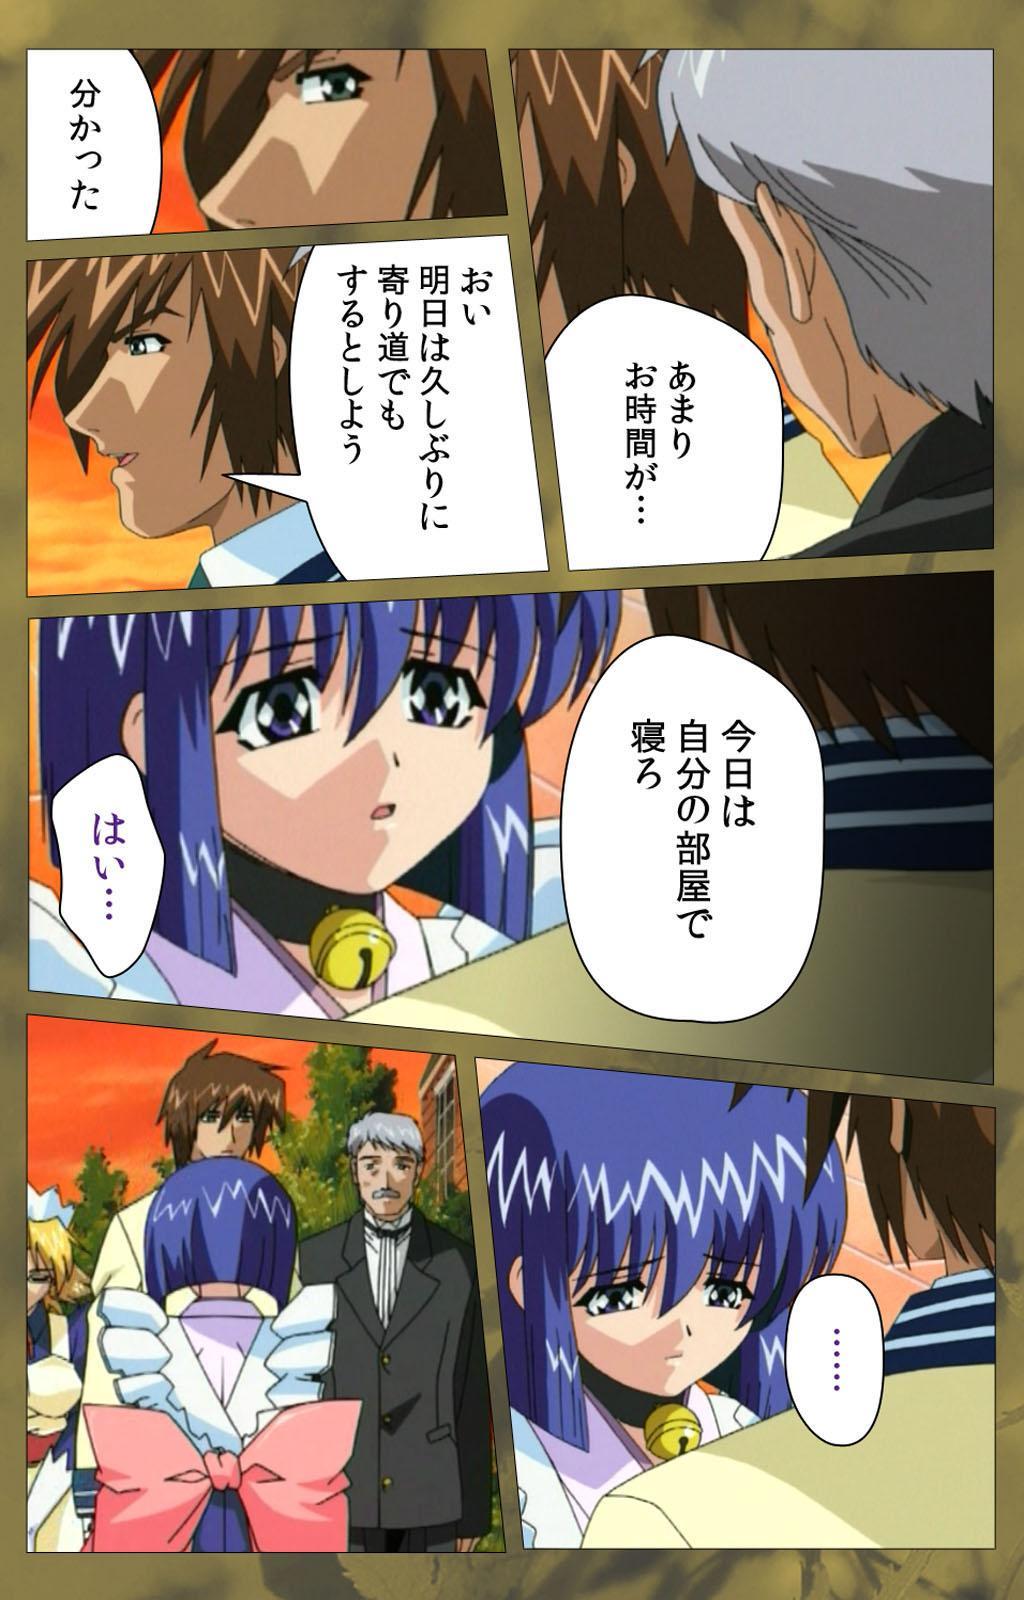 'watashi ningyo jaarimasen' kanzenhan 385